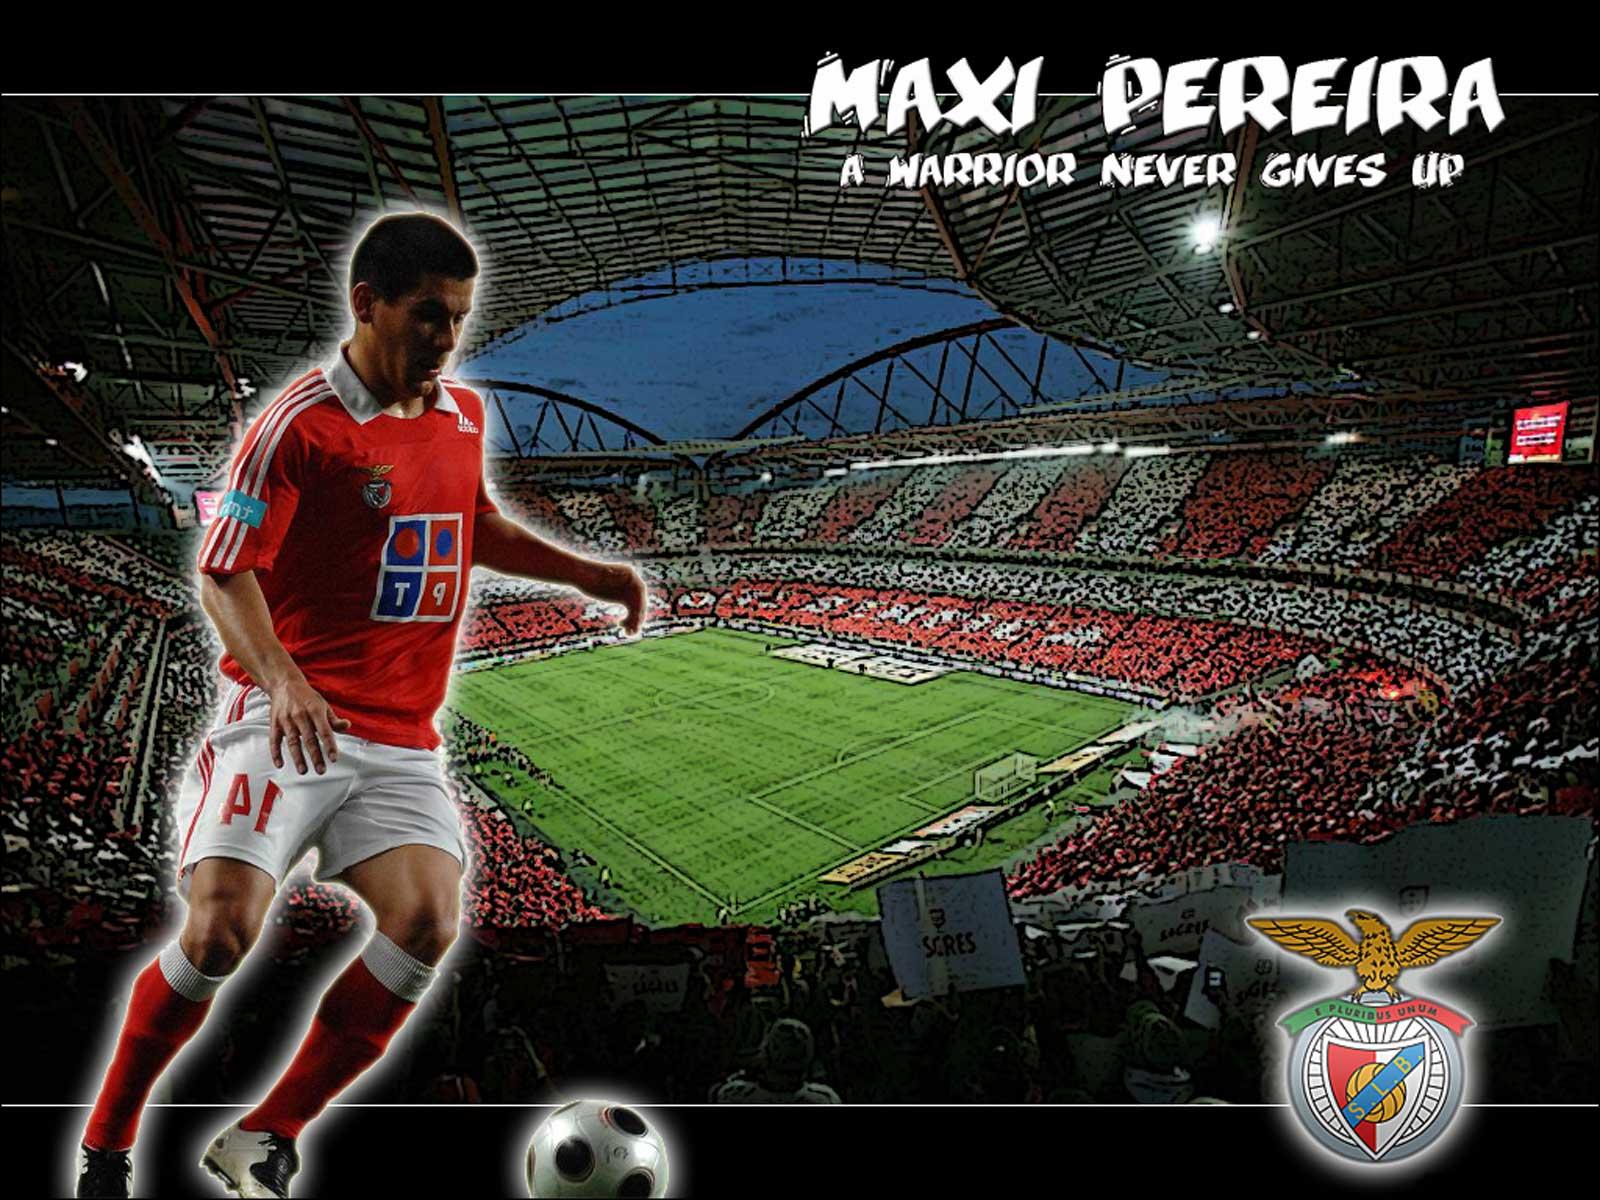 http://2.bp.blogspot.com/-gGM7fp8qHS0/UCEs1Q9jd2I/AAAAAAAACGY/u3QujjOkMe4/s1600/Maxi_Pereira_Picture.jpg